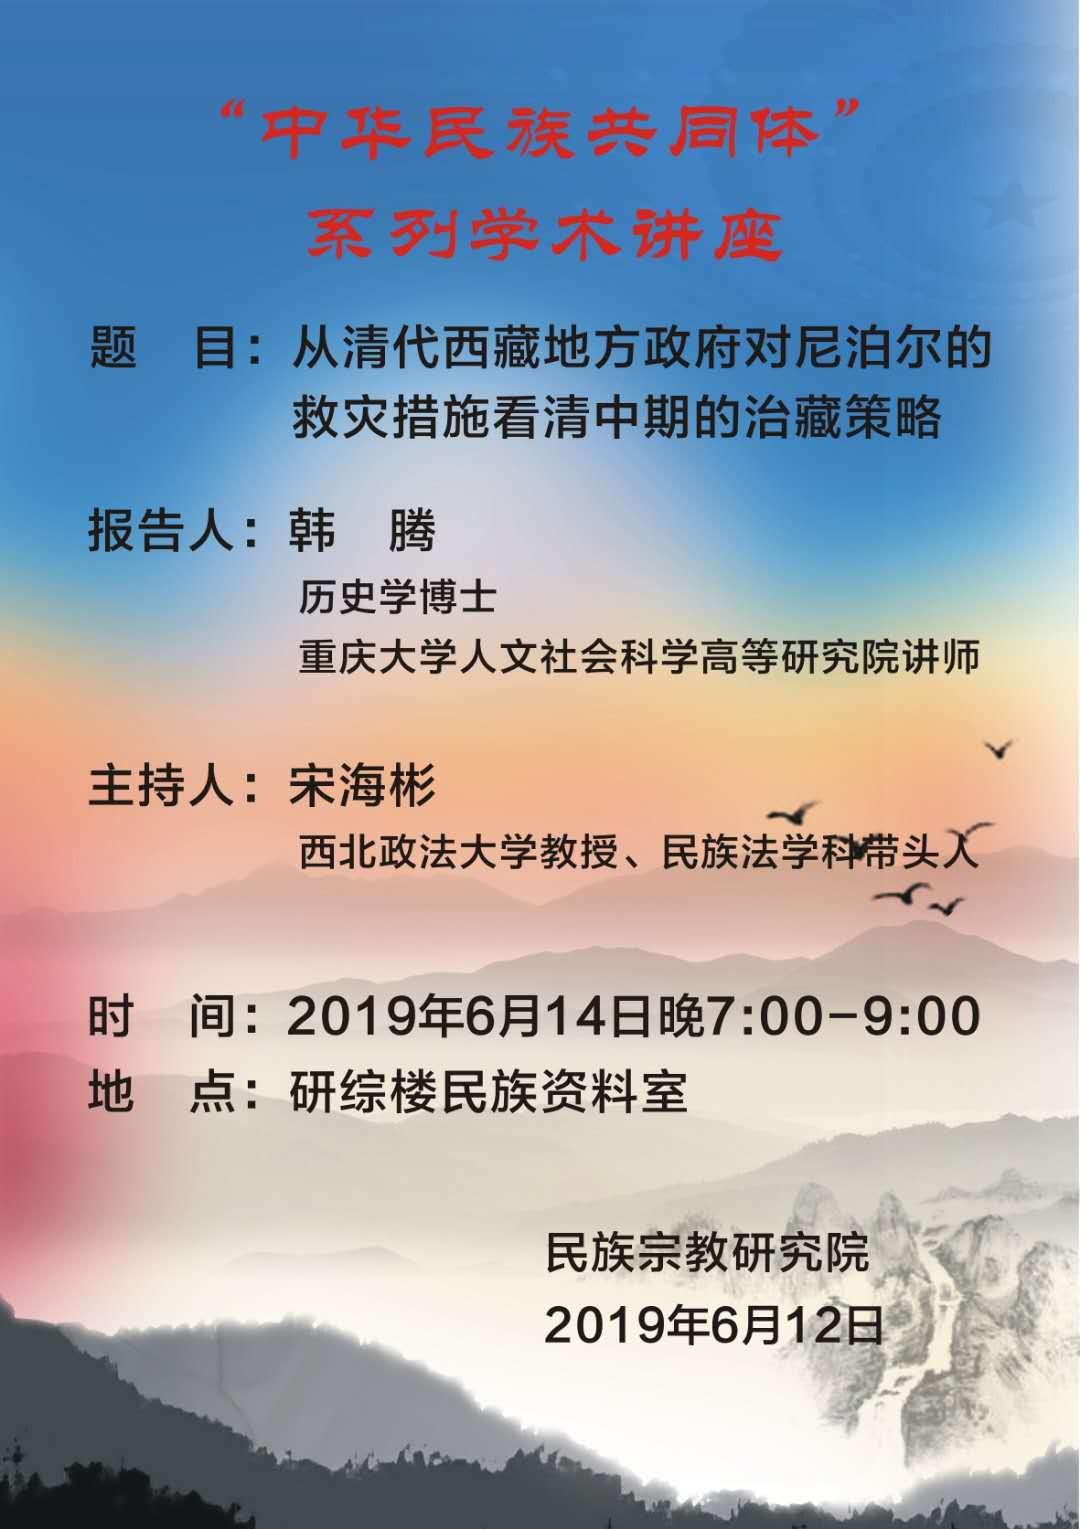 韩腾博士讲座海报.jpg